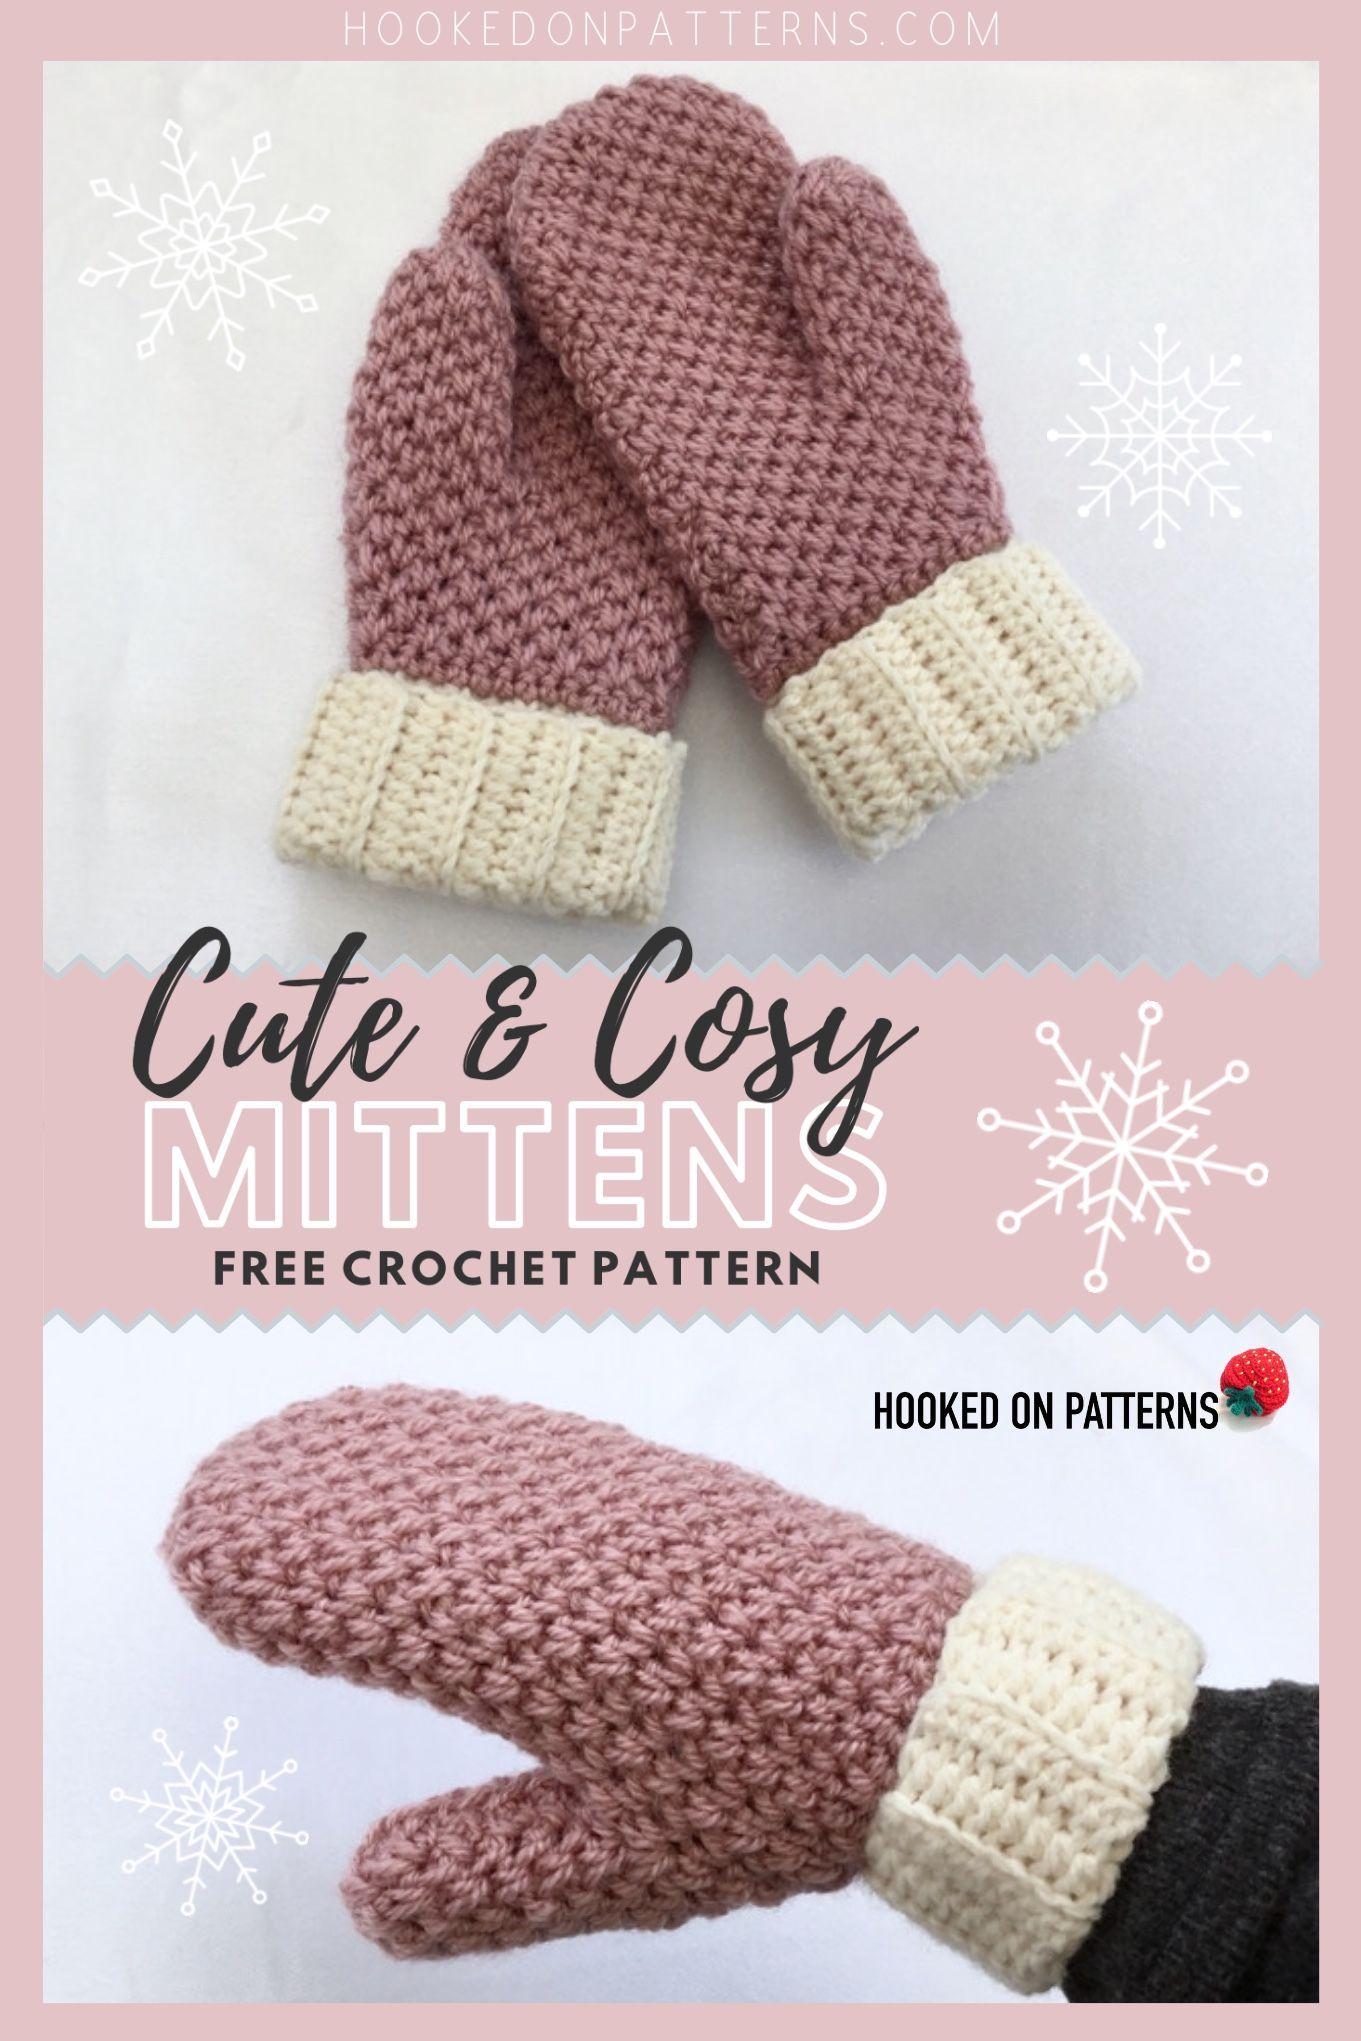 Cute & Cosy Free Crochet Mittens Pattern #crochetprojects